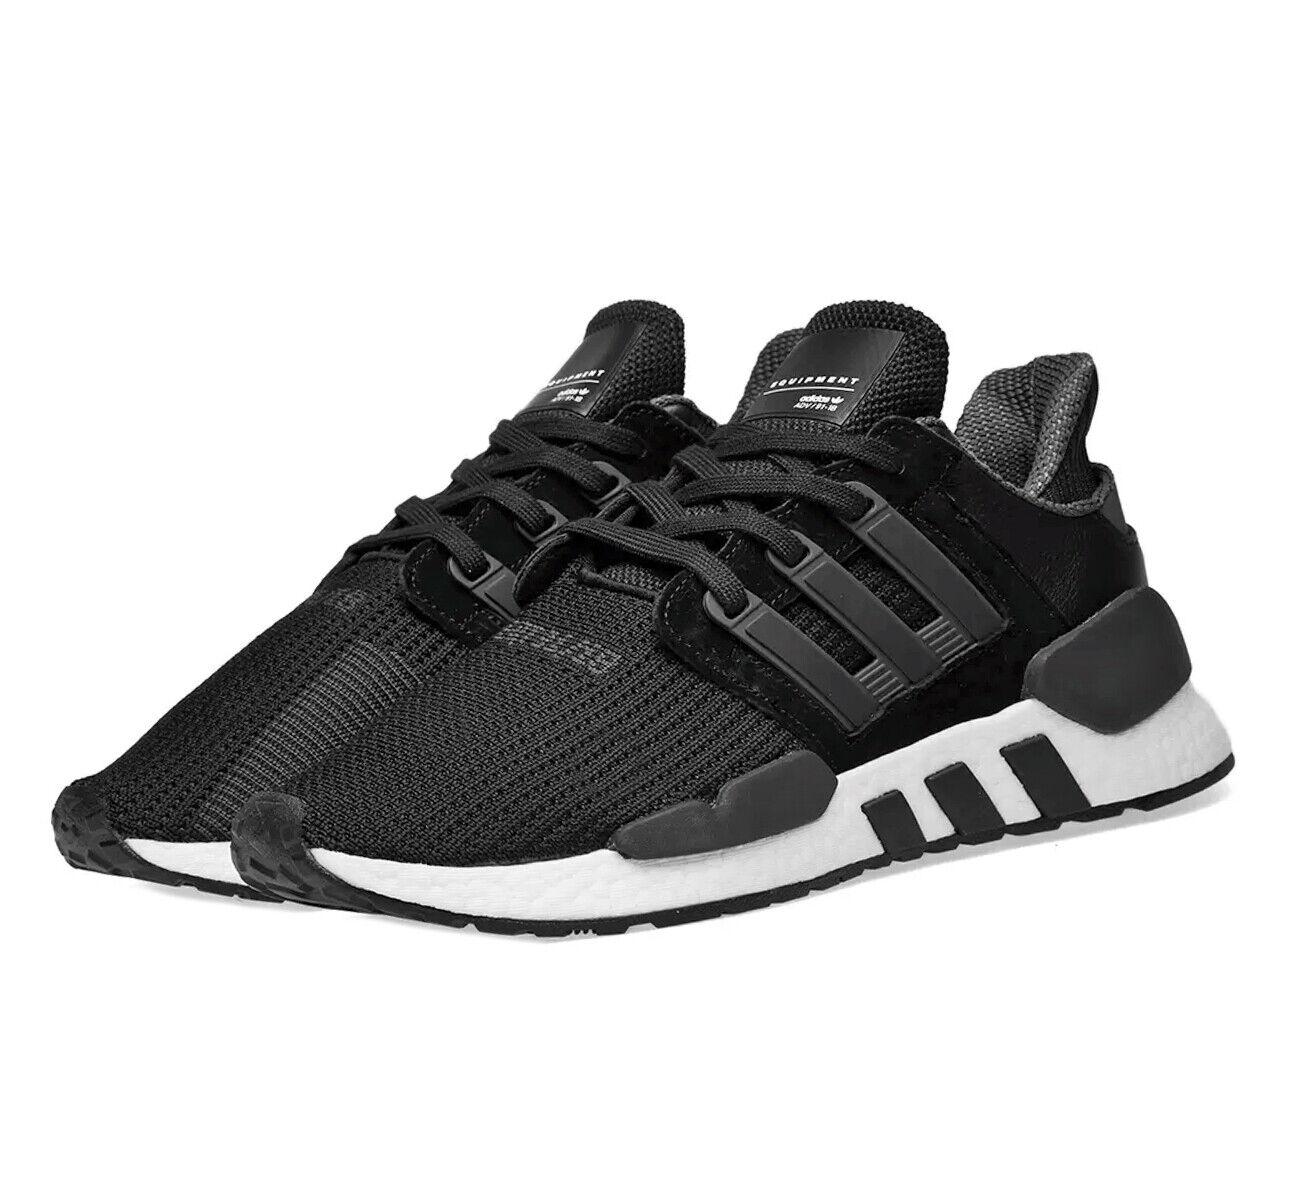 Adidas Eqt Support 91 18 negro B37520 Zapatillas de Deporte Zapatos Hombre